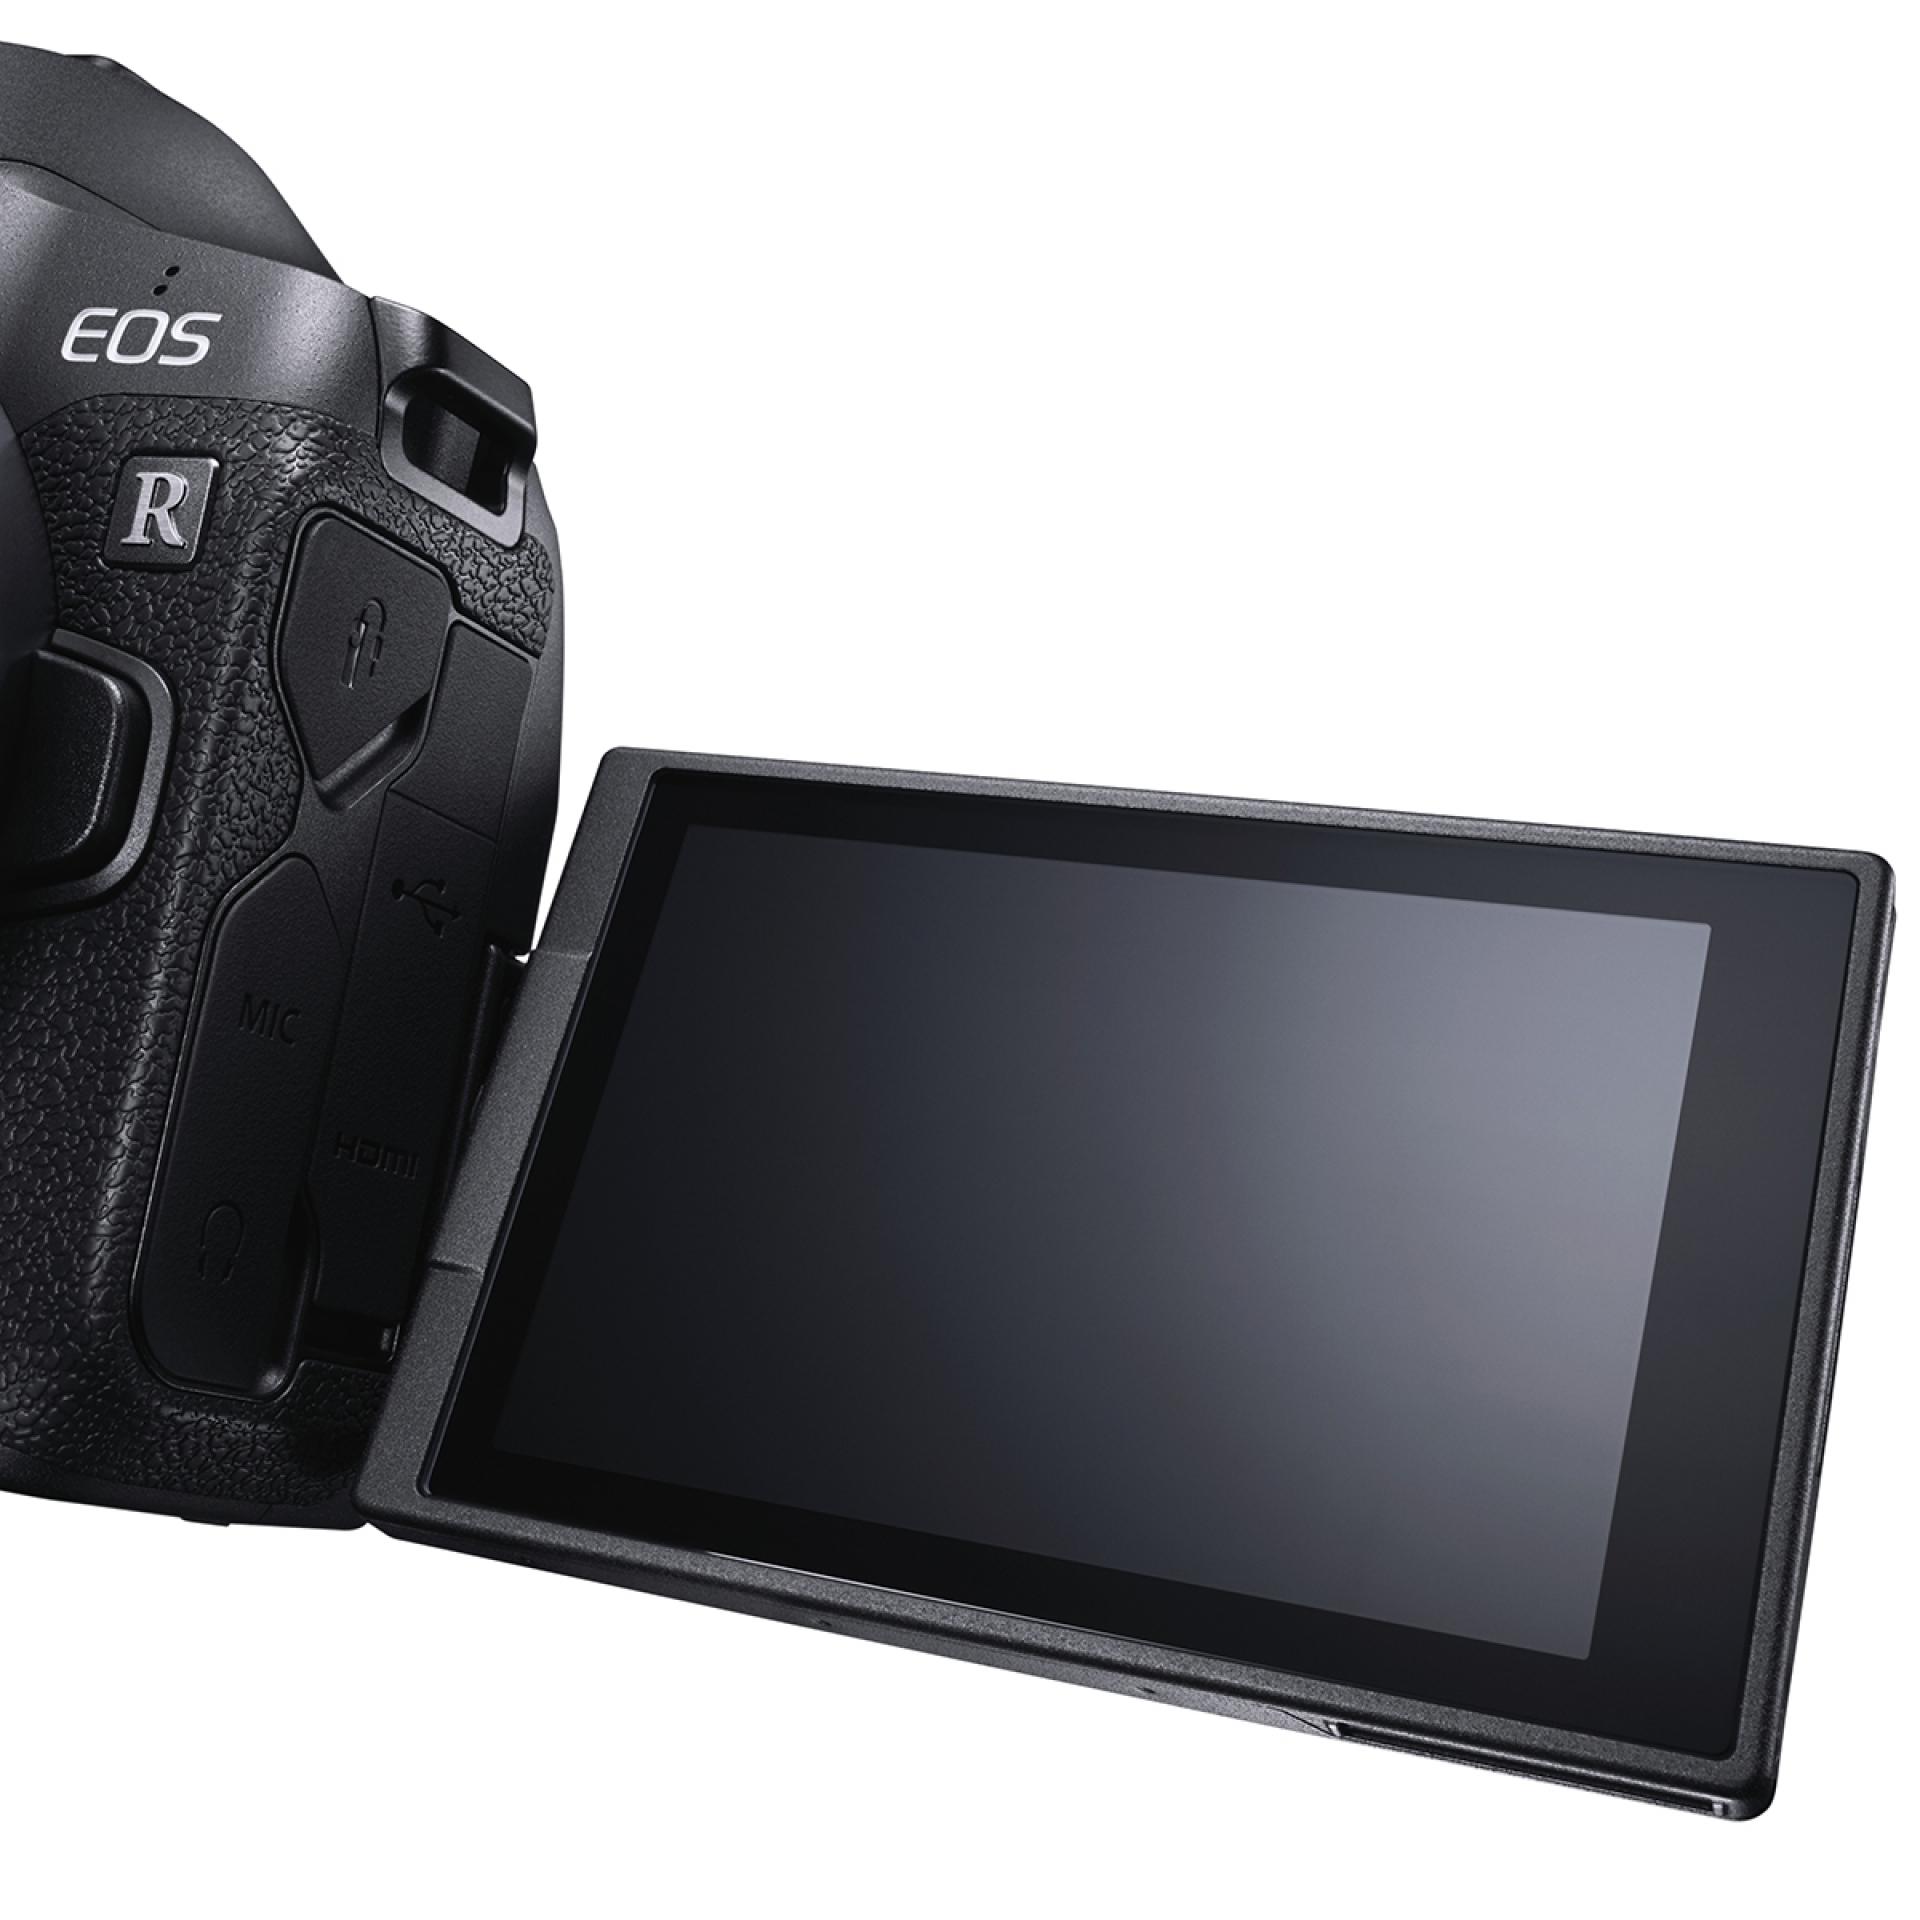 EOS R, Dreh- und schwenkbares Display